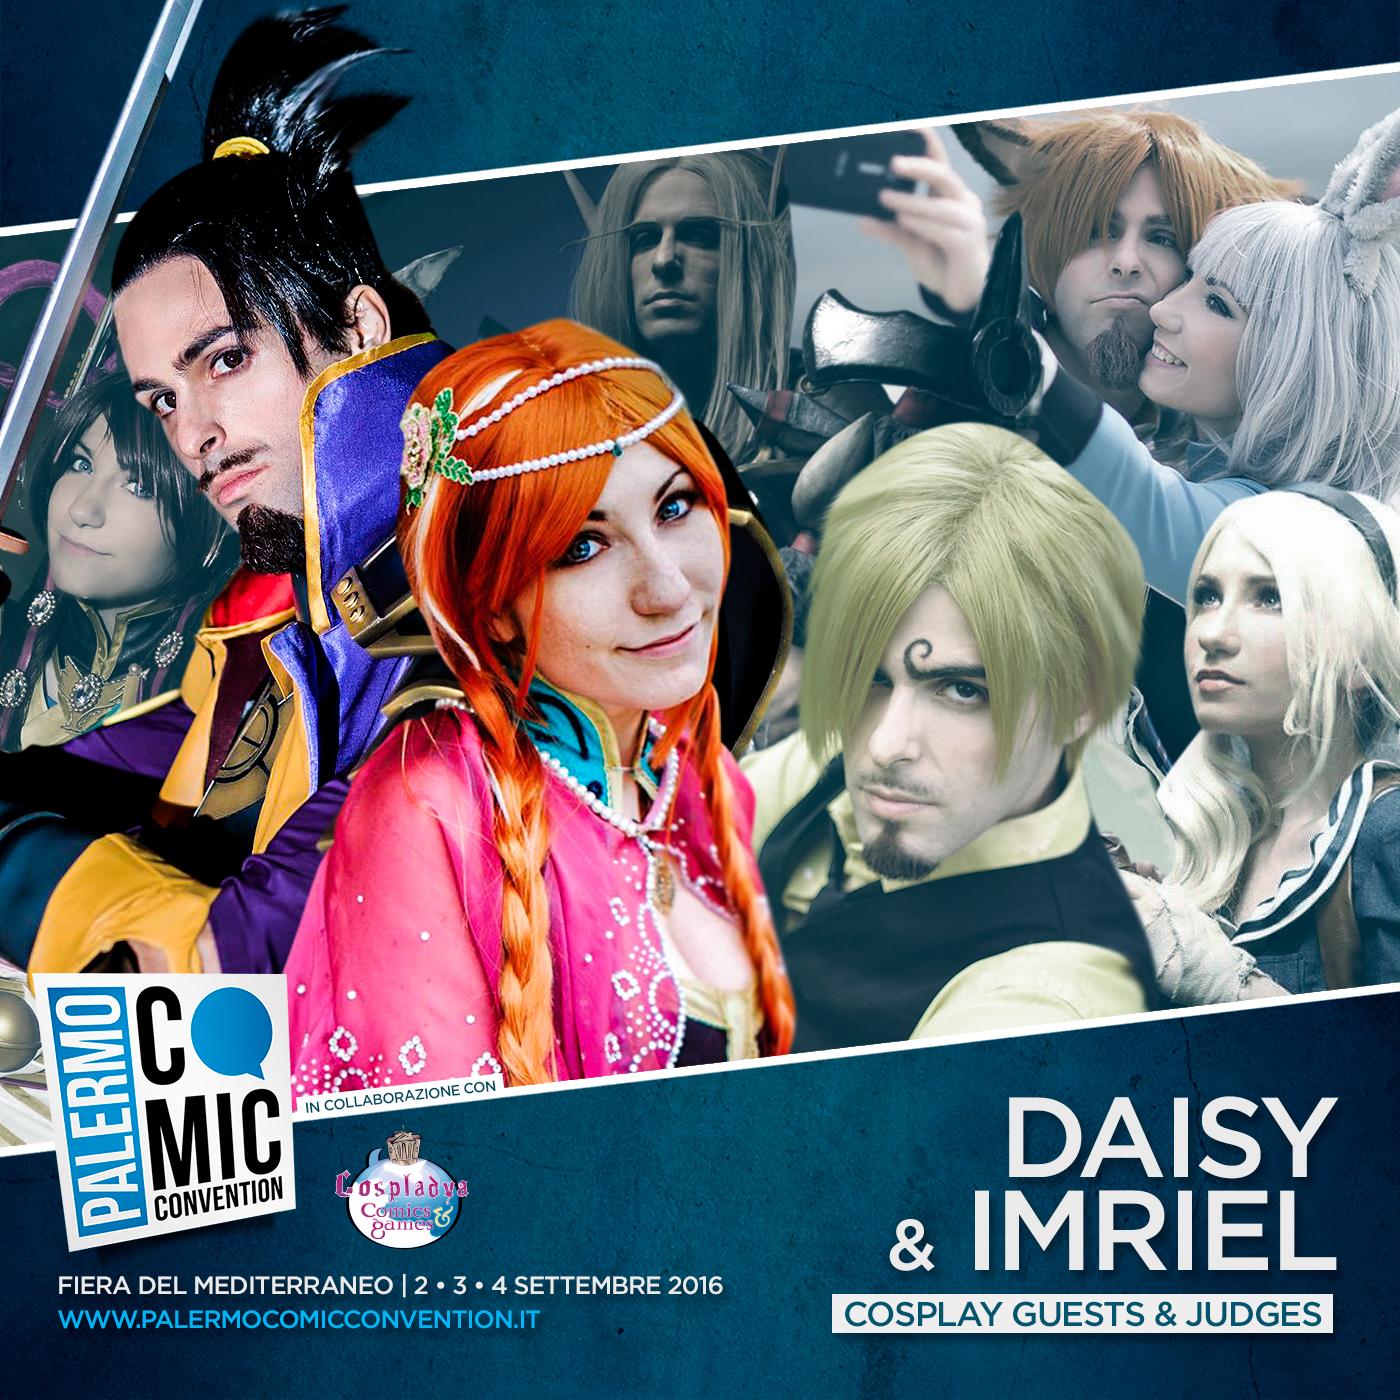 Daisy & Imriel